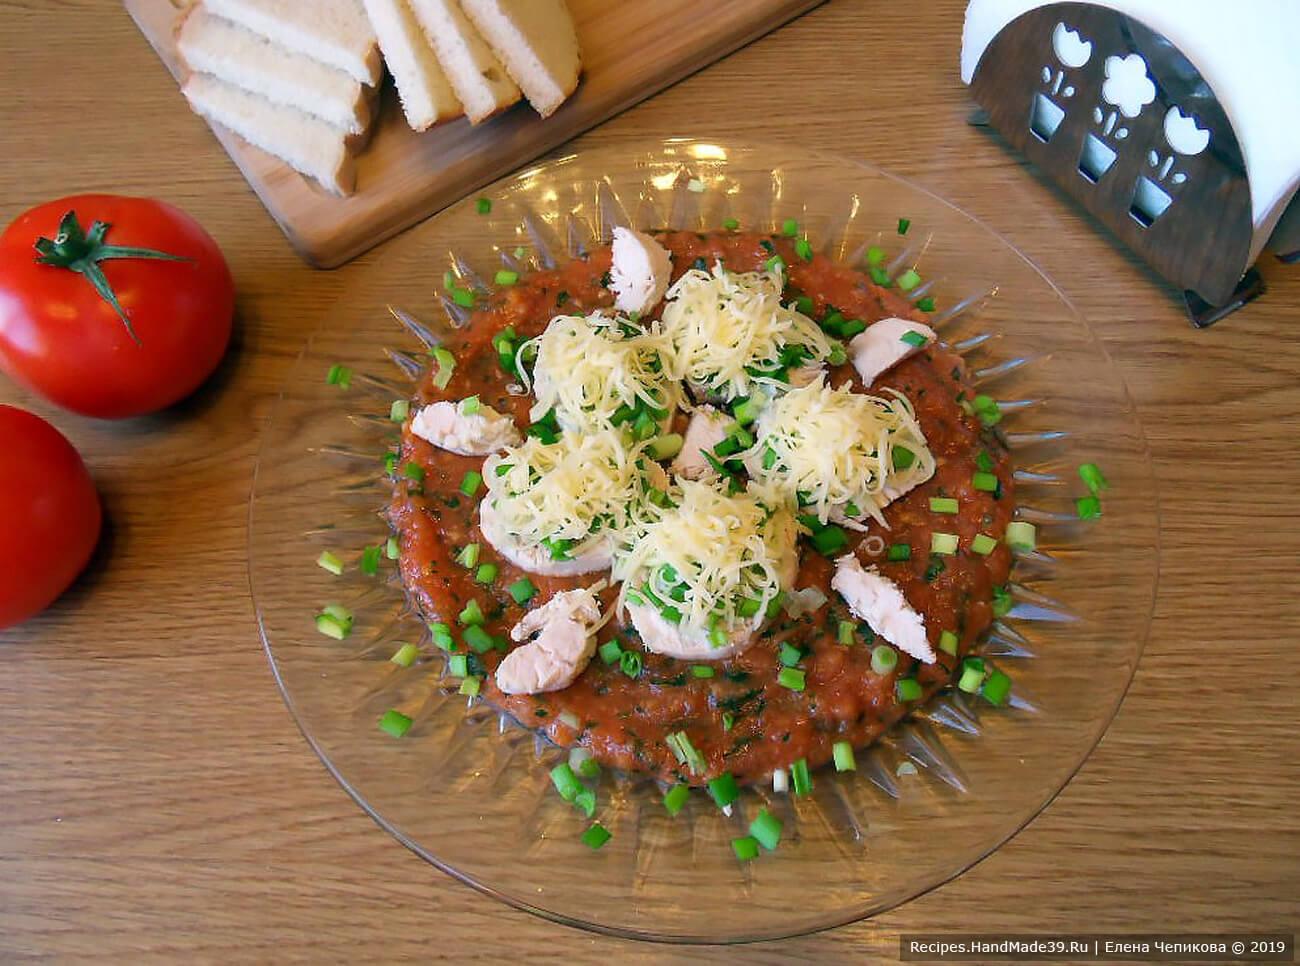 Шведский салат с курицей и сыром на томатной подушке